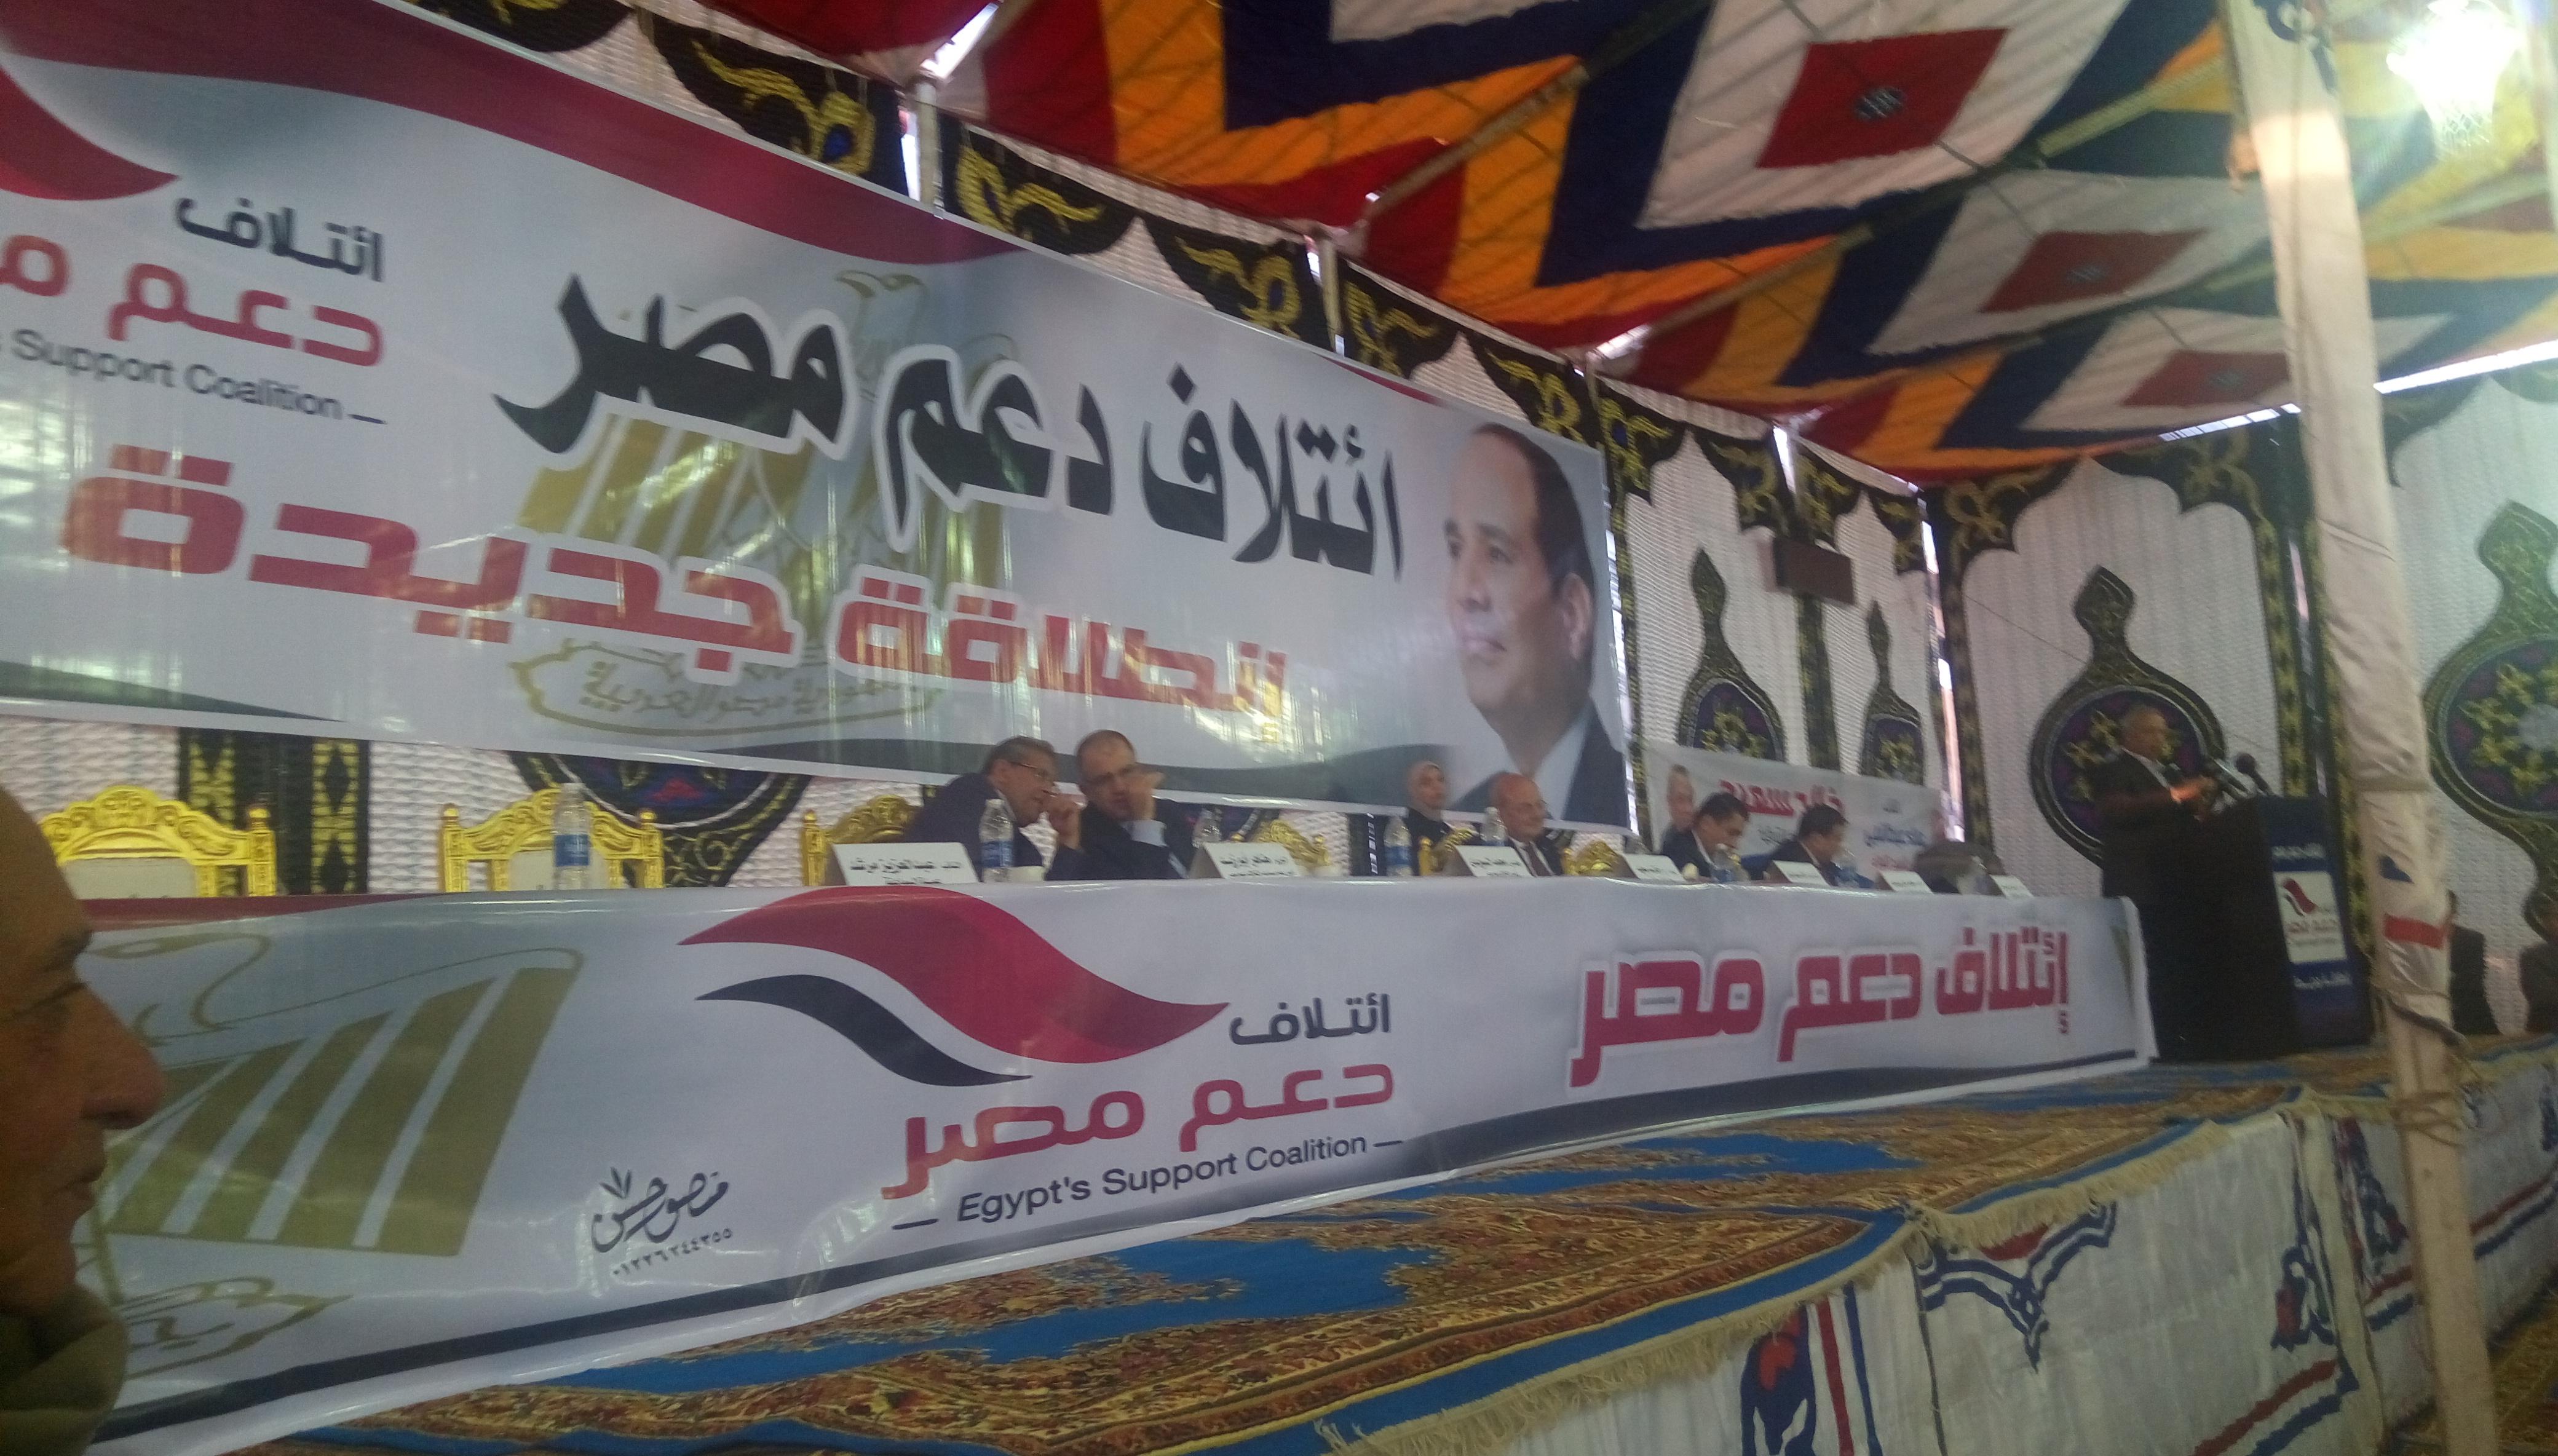 مؤتمر ائتلاف دعم مصر بالشرقية  (3)